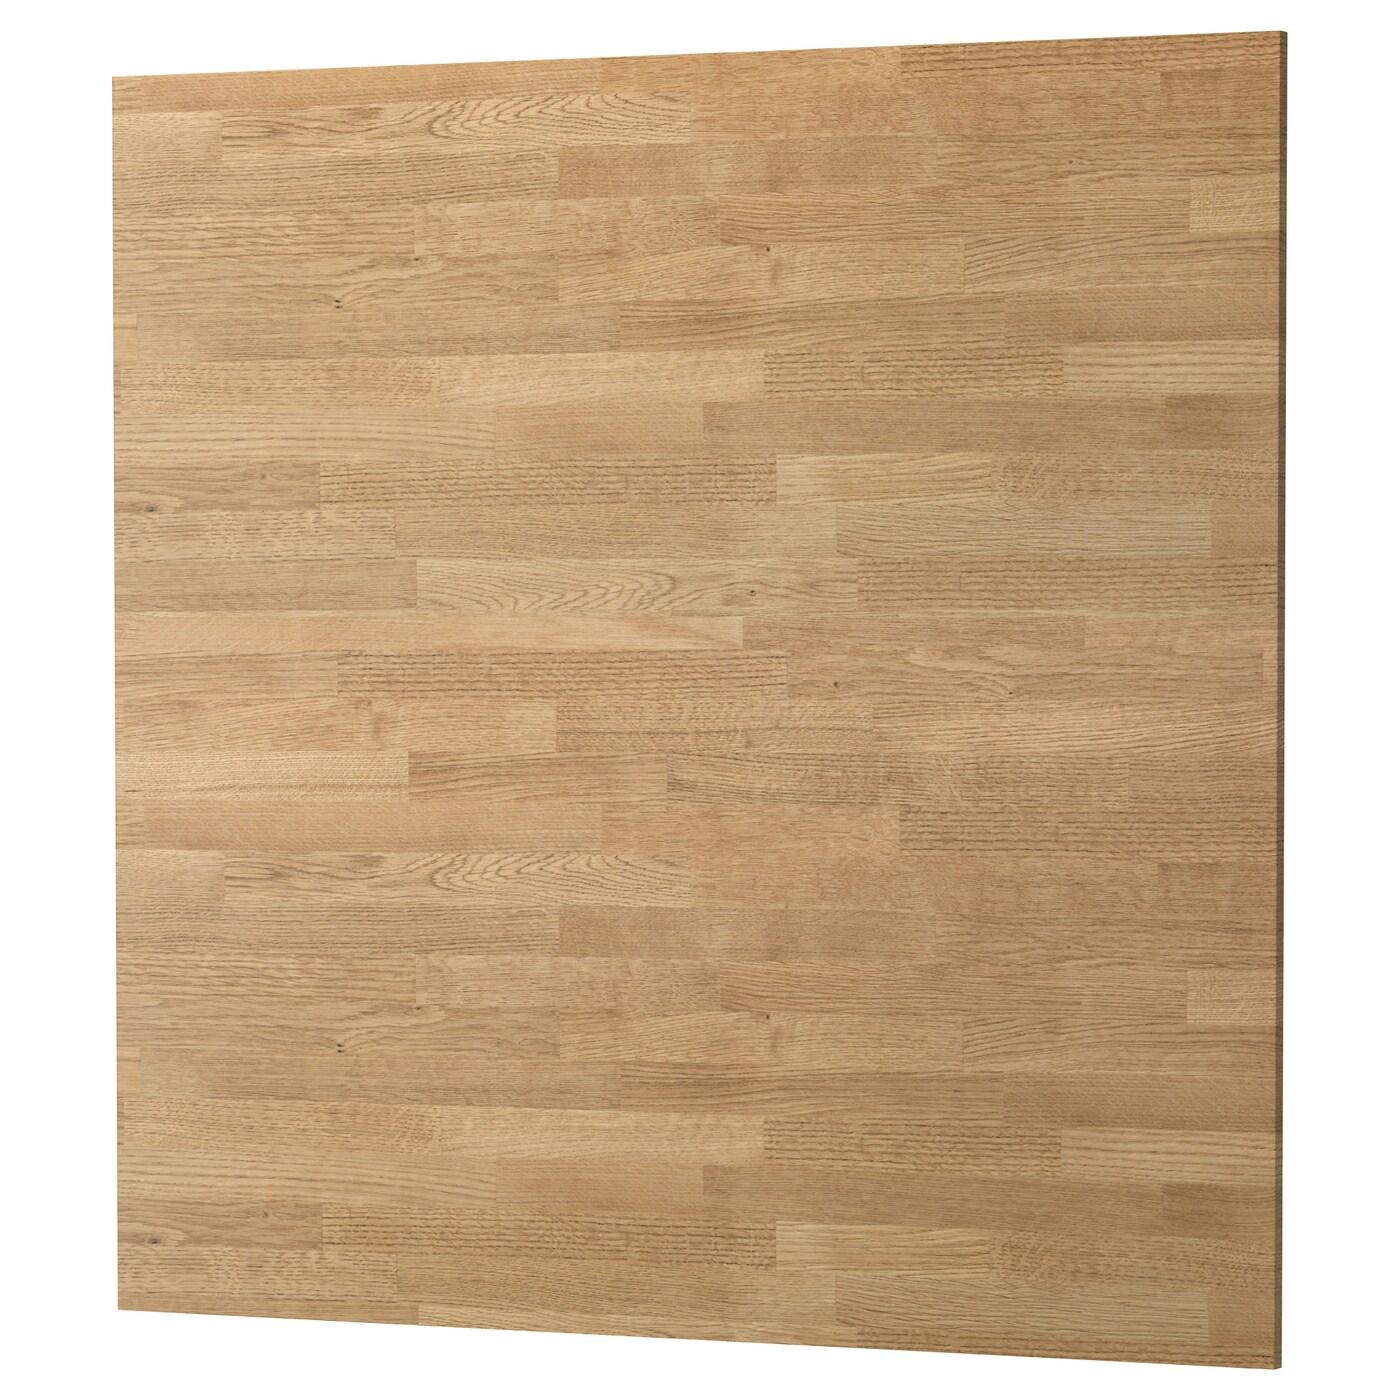 keukentegels muurtegels ikea. Black Bedroom Furniture Sets. Home Design Ideas